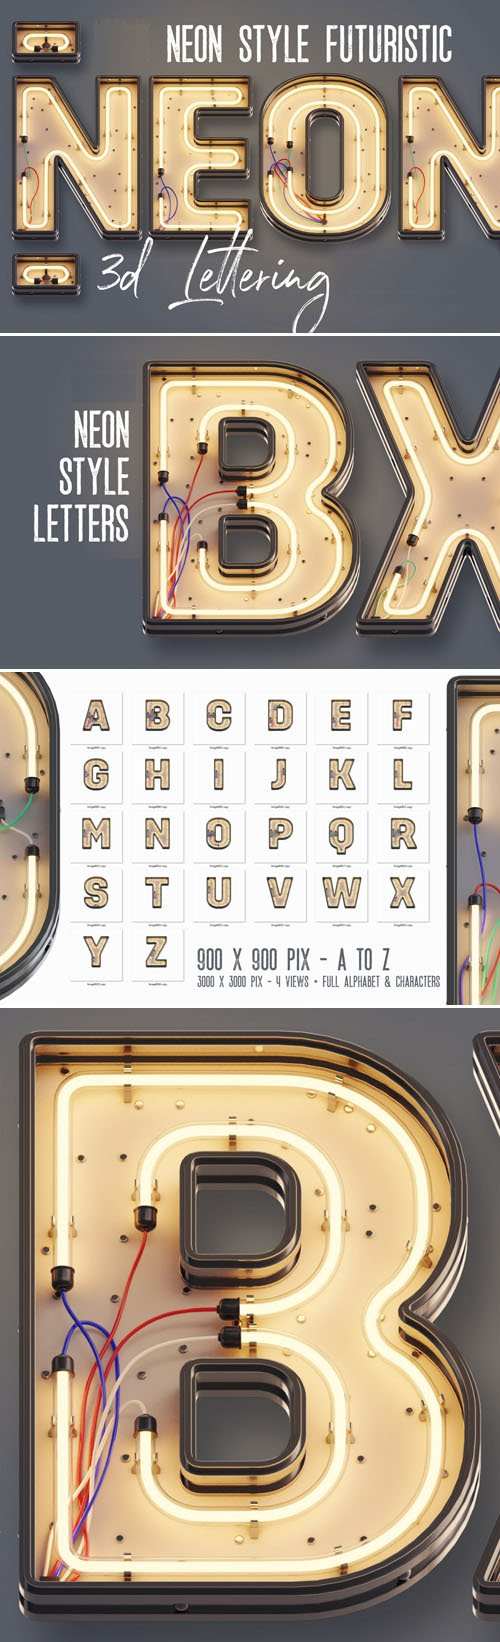 Neon Style Futuristic 3D Lettering A-Z